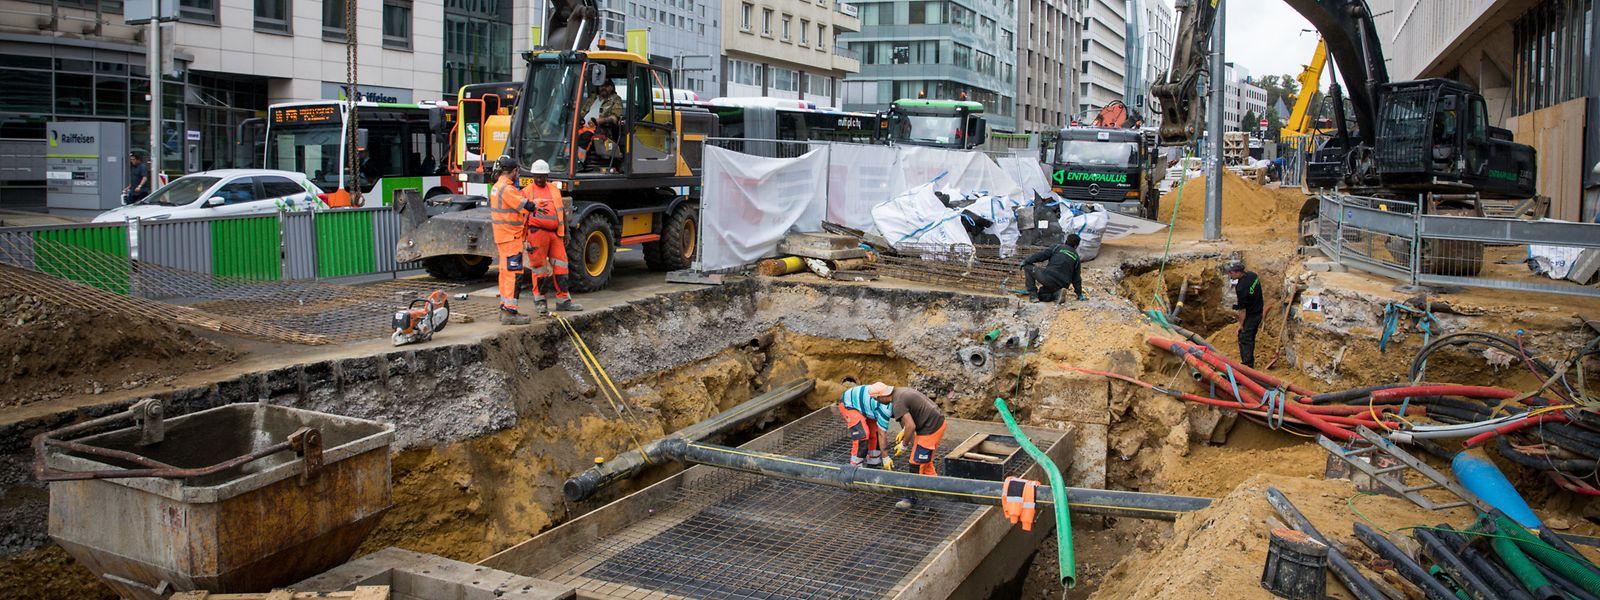 Arbeiter haben längs der Trambaustelle Überreste von Festungsmauern gefunden.